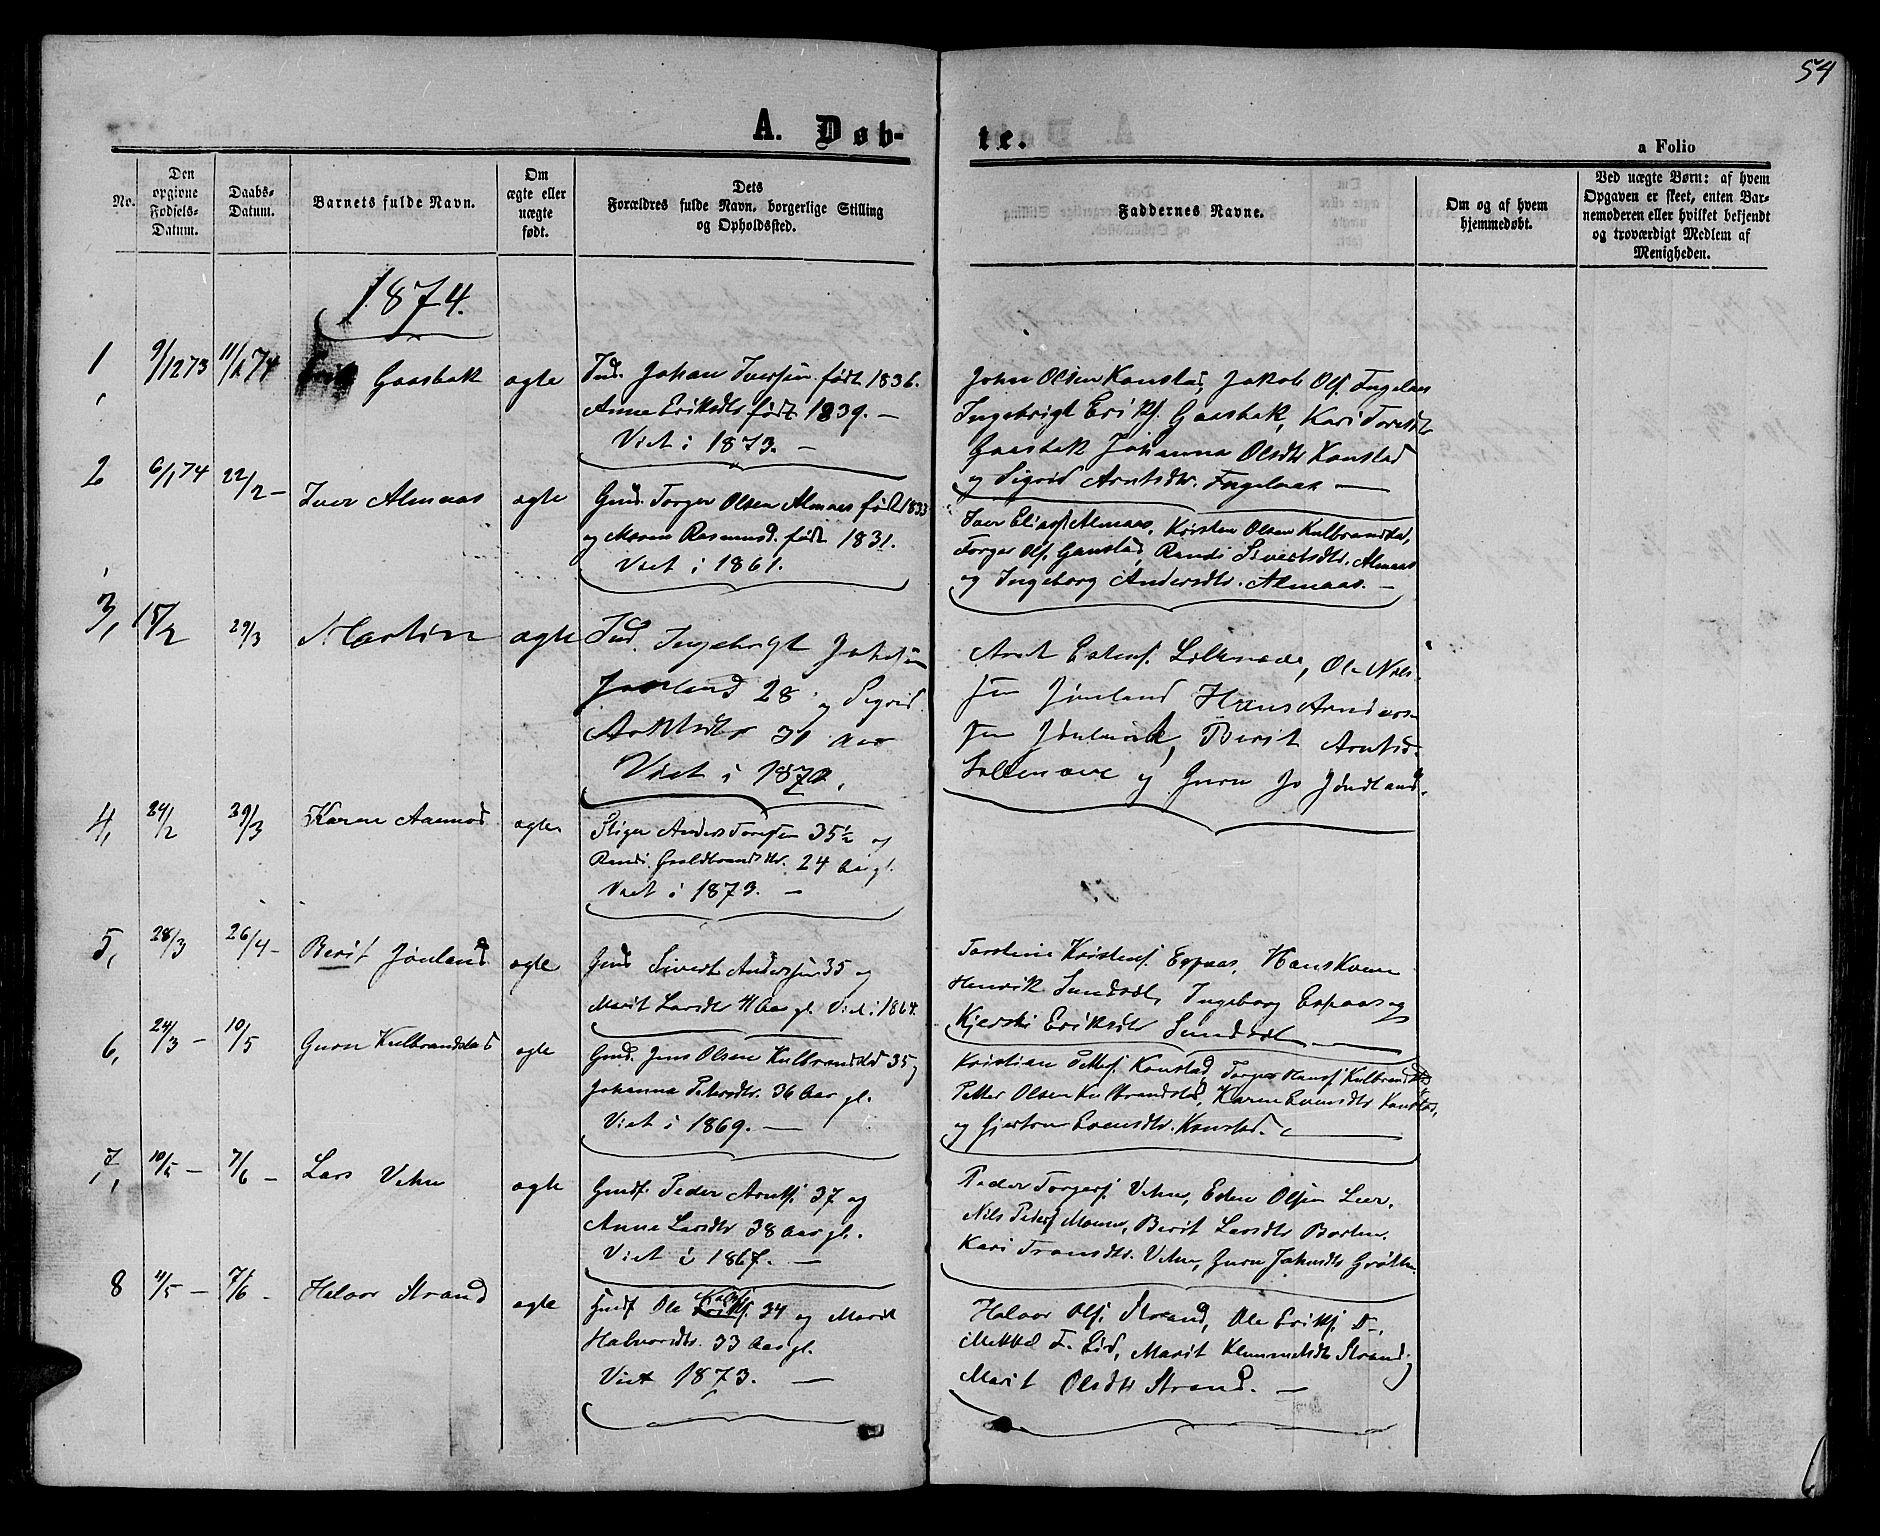 SAT, Ministerialprotokoller, klokkerbøker og fødselsregistre - Sør-Trøndelag, 694/L1131: Klokkerbok nr. 694C03, 1858-1886, s. 54